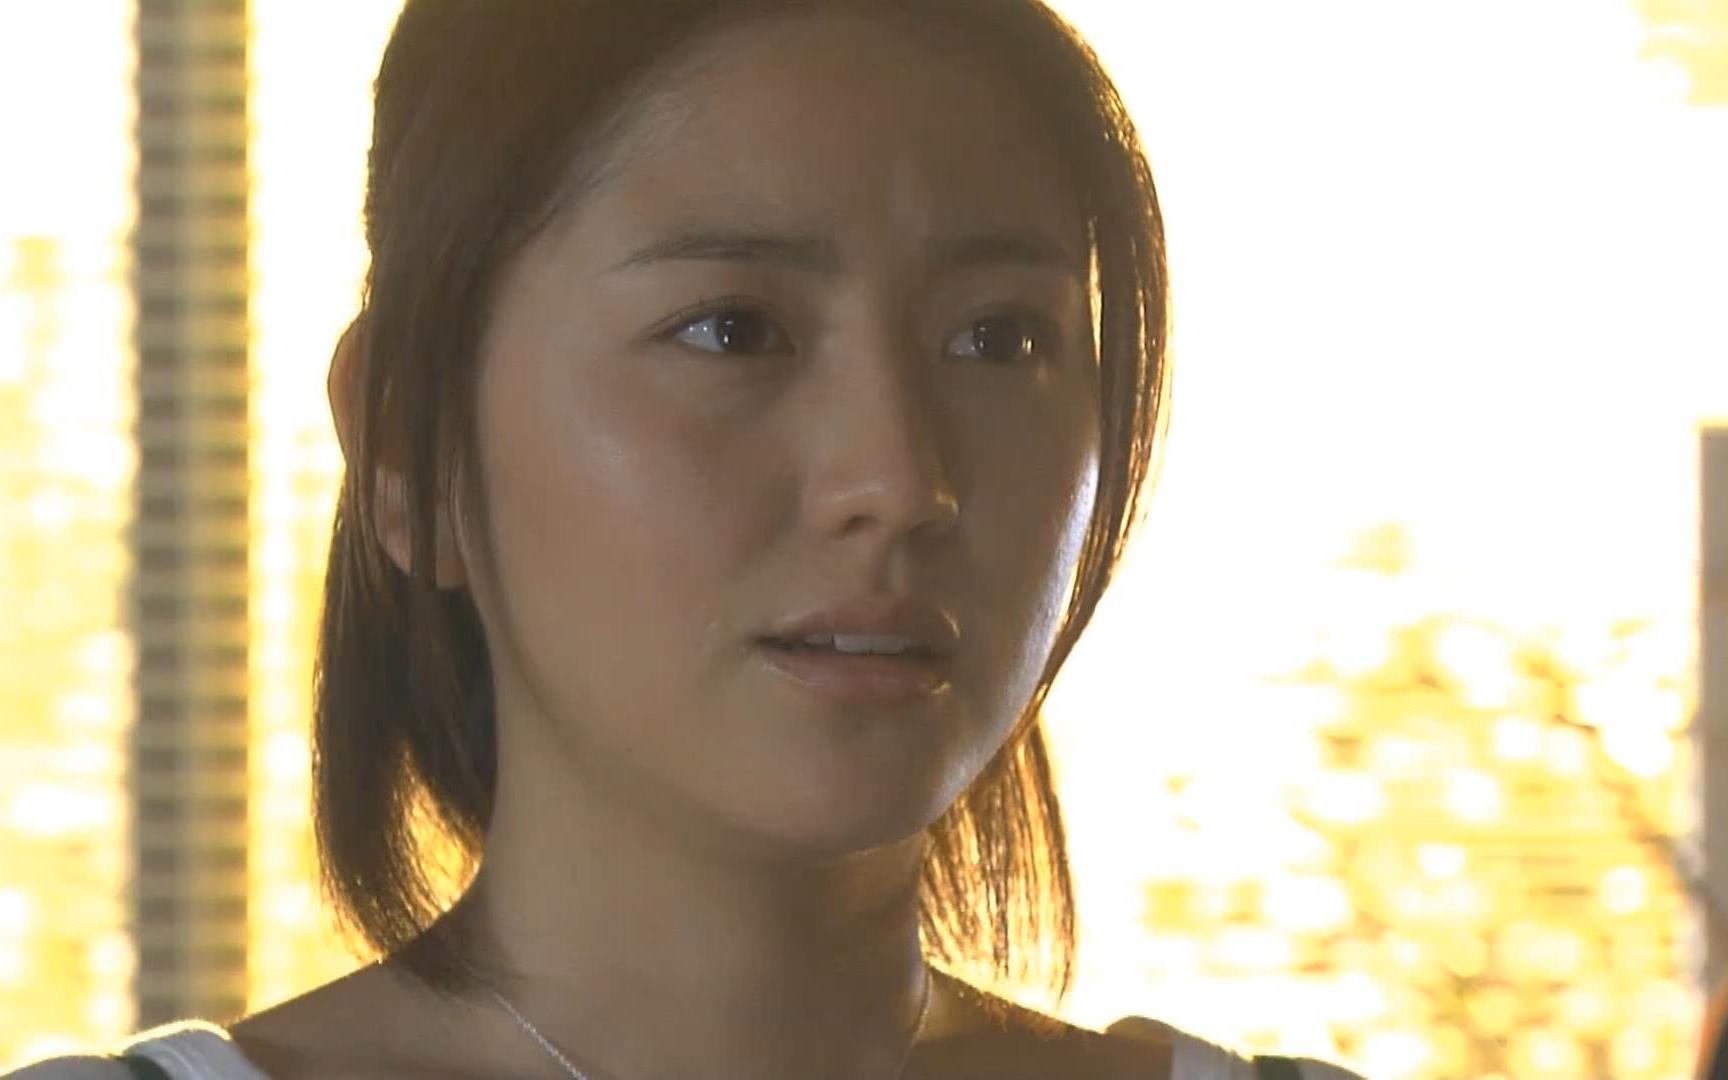 《求婚大作战》EP06-3 山下智久 长泽雅美cut (中日字幕超清)